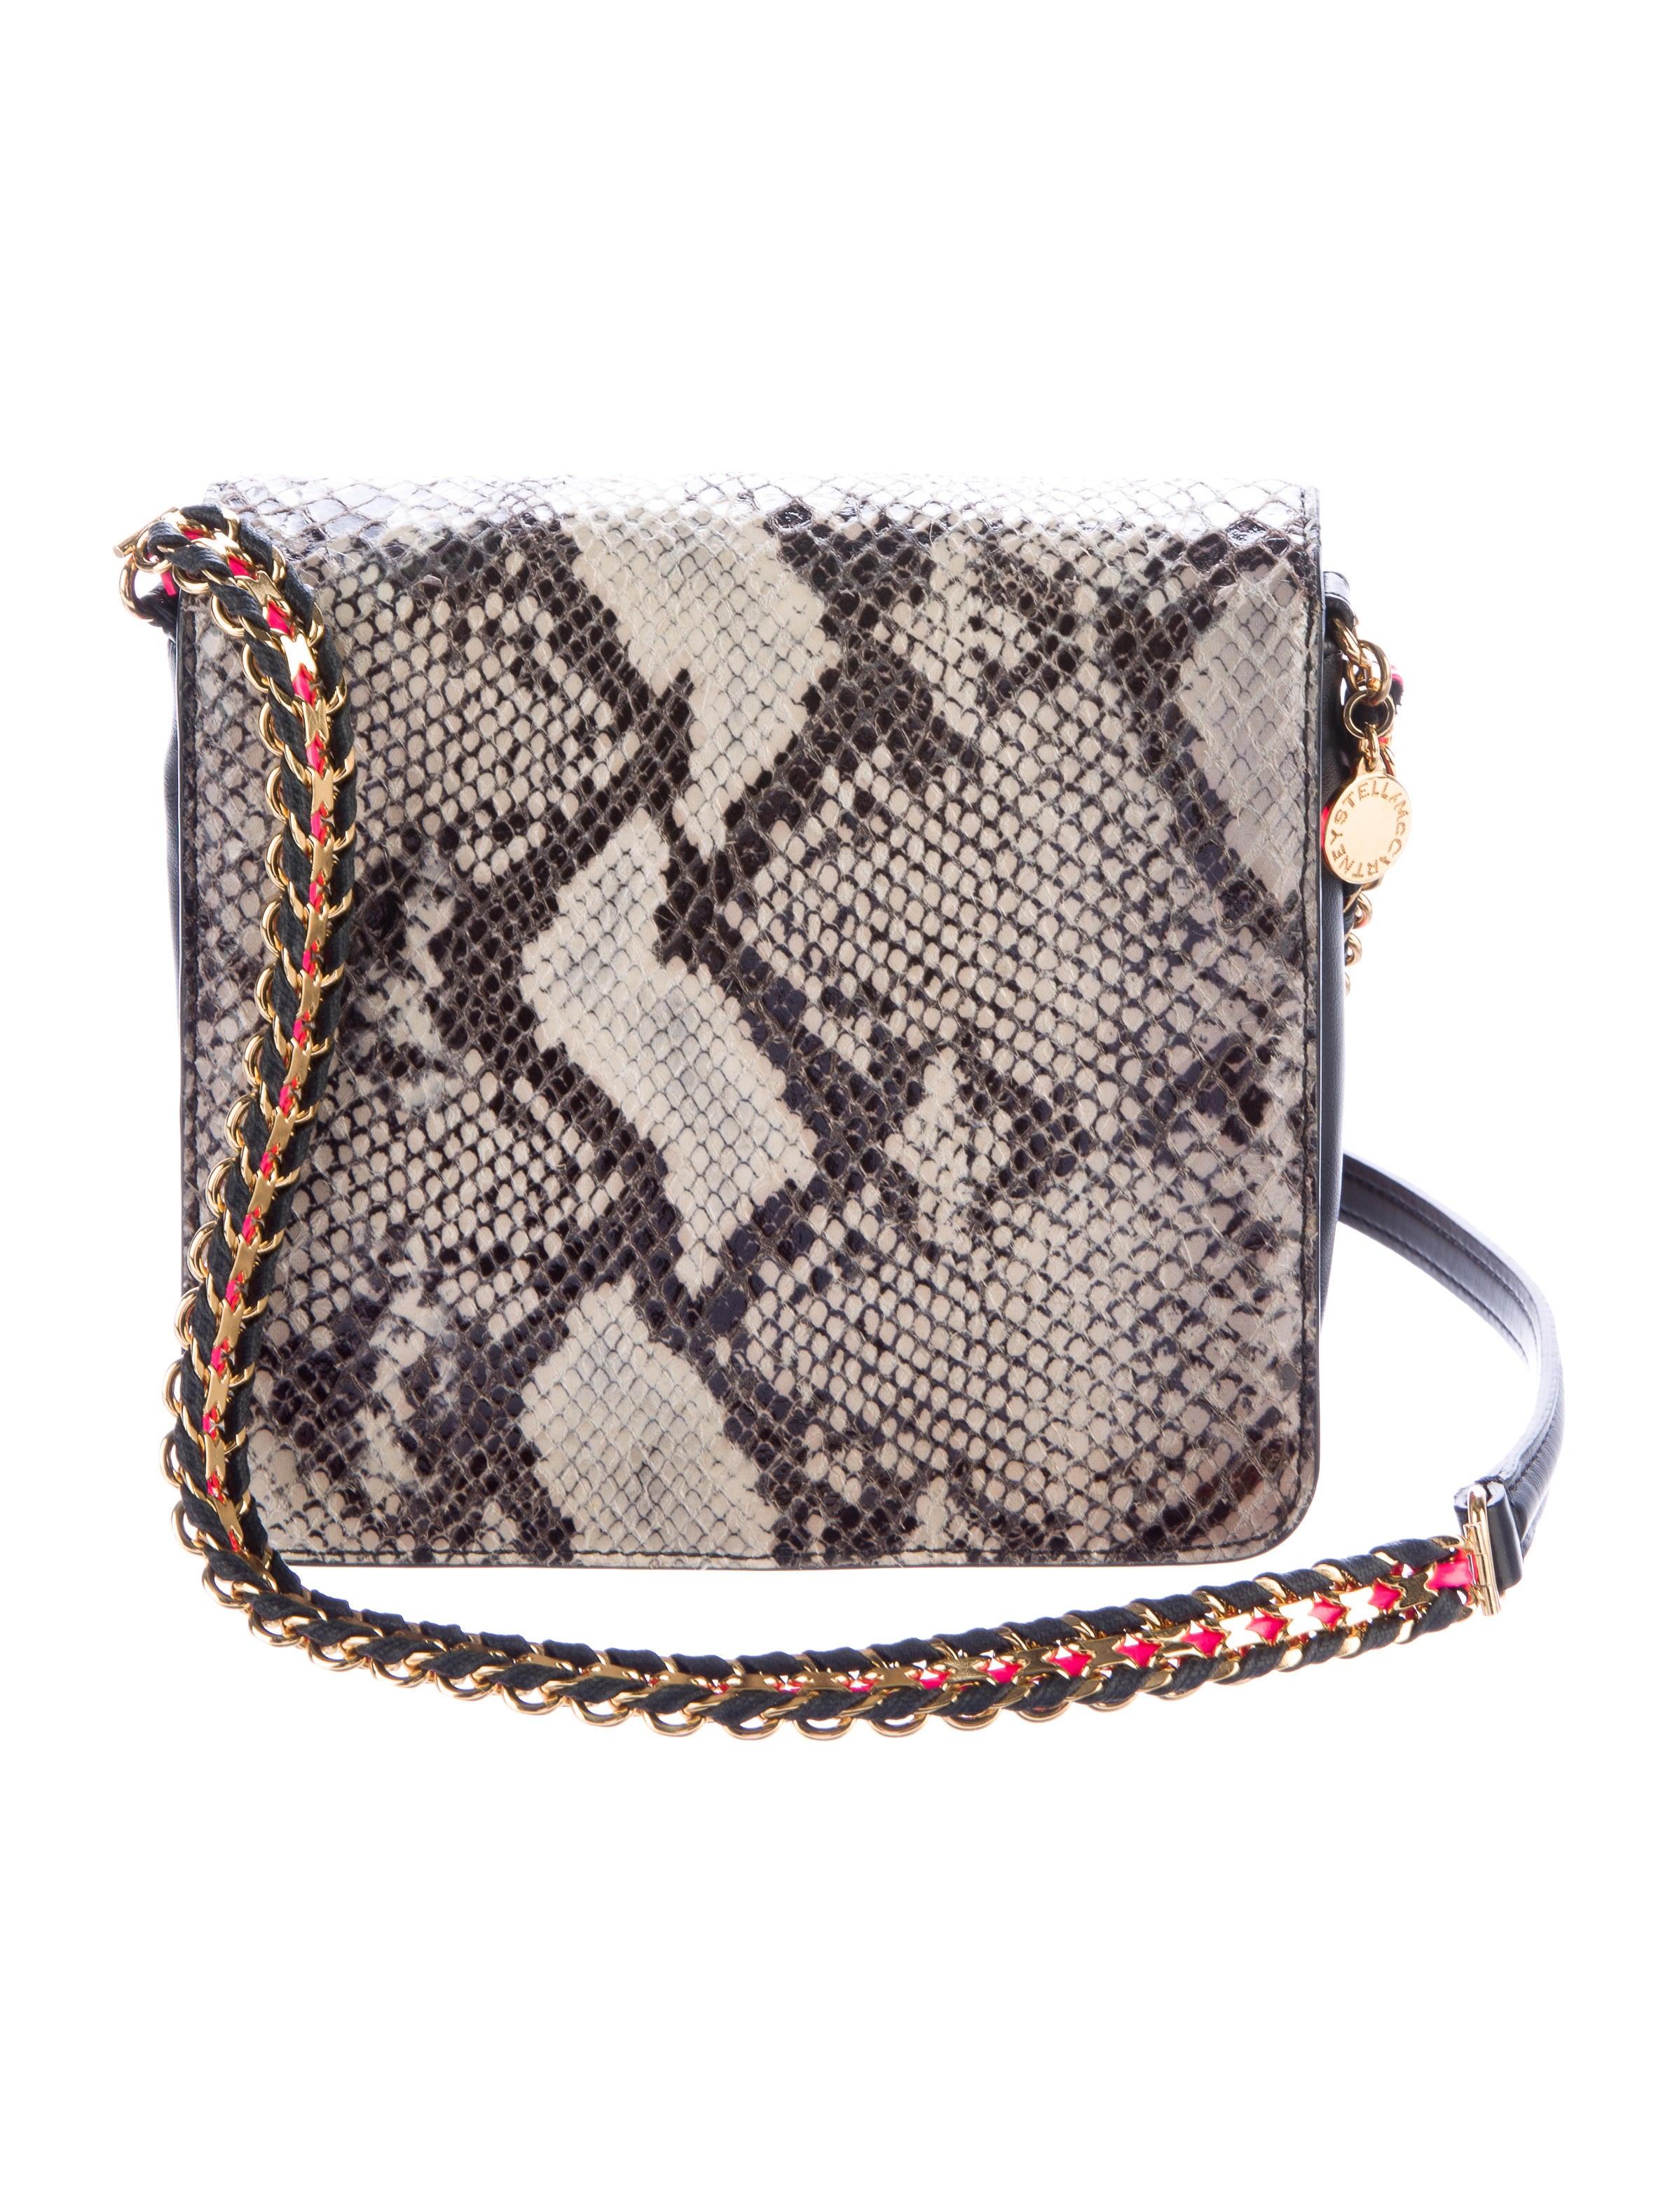 Stella Mccartney Alter Snake Crossbody Bag Handbags